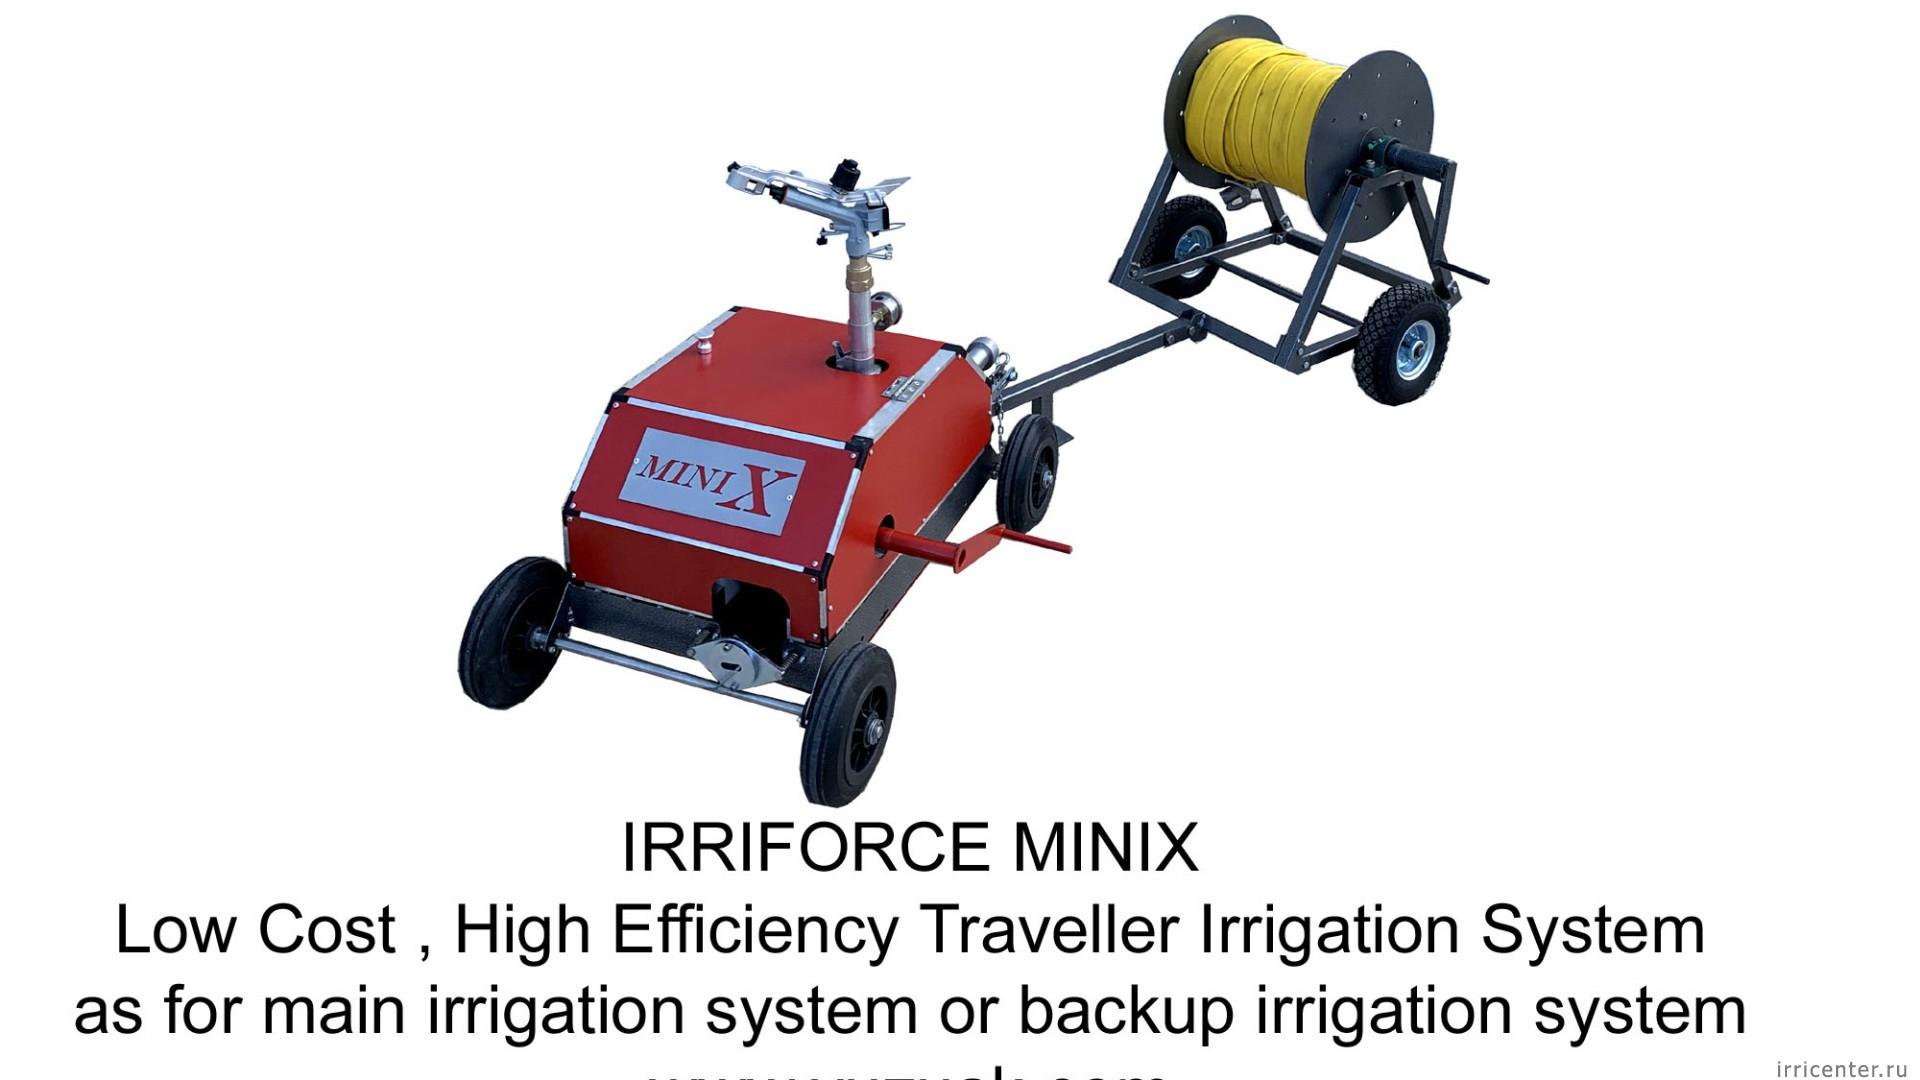 IRRIFORCE MINIX TD12500-120